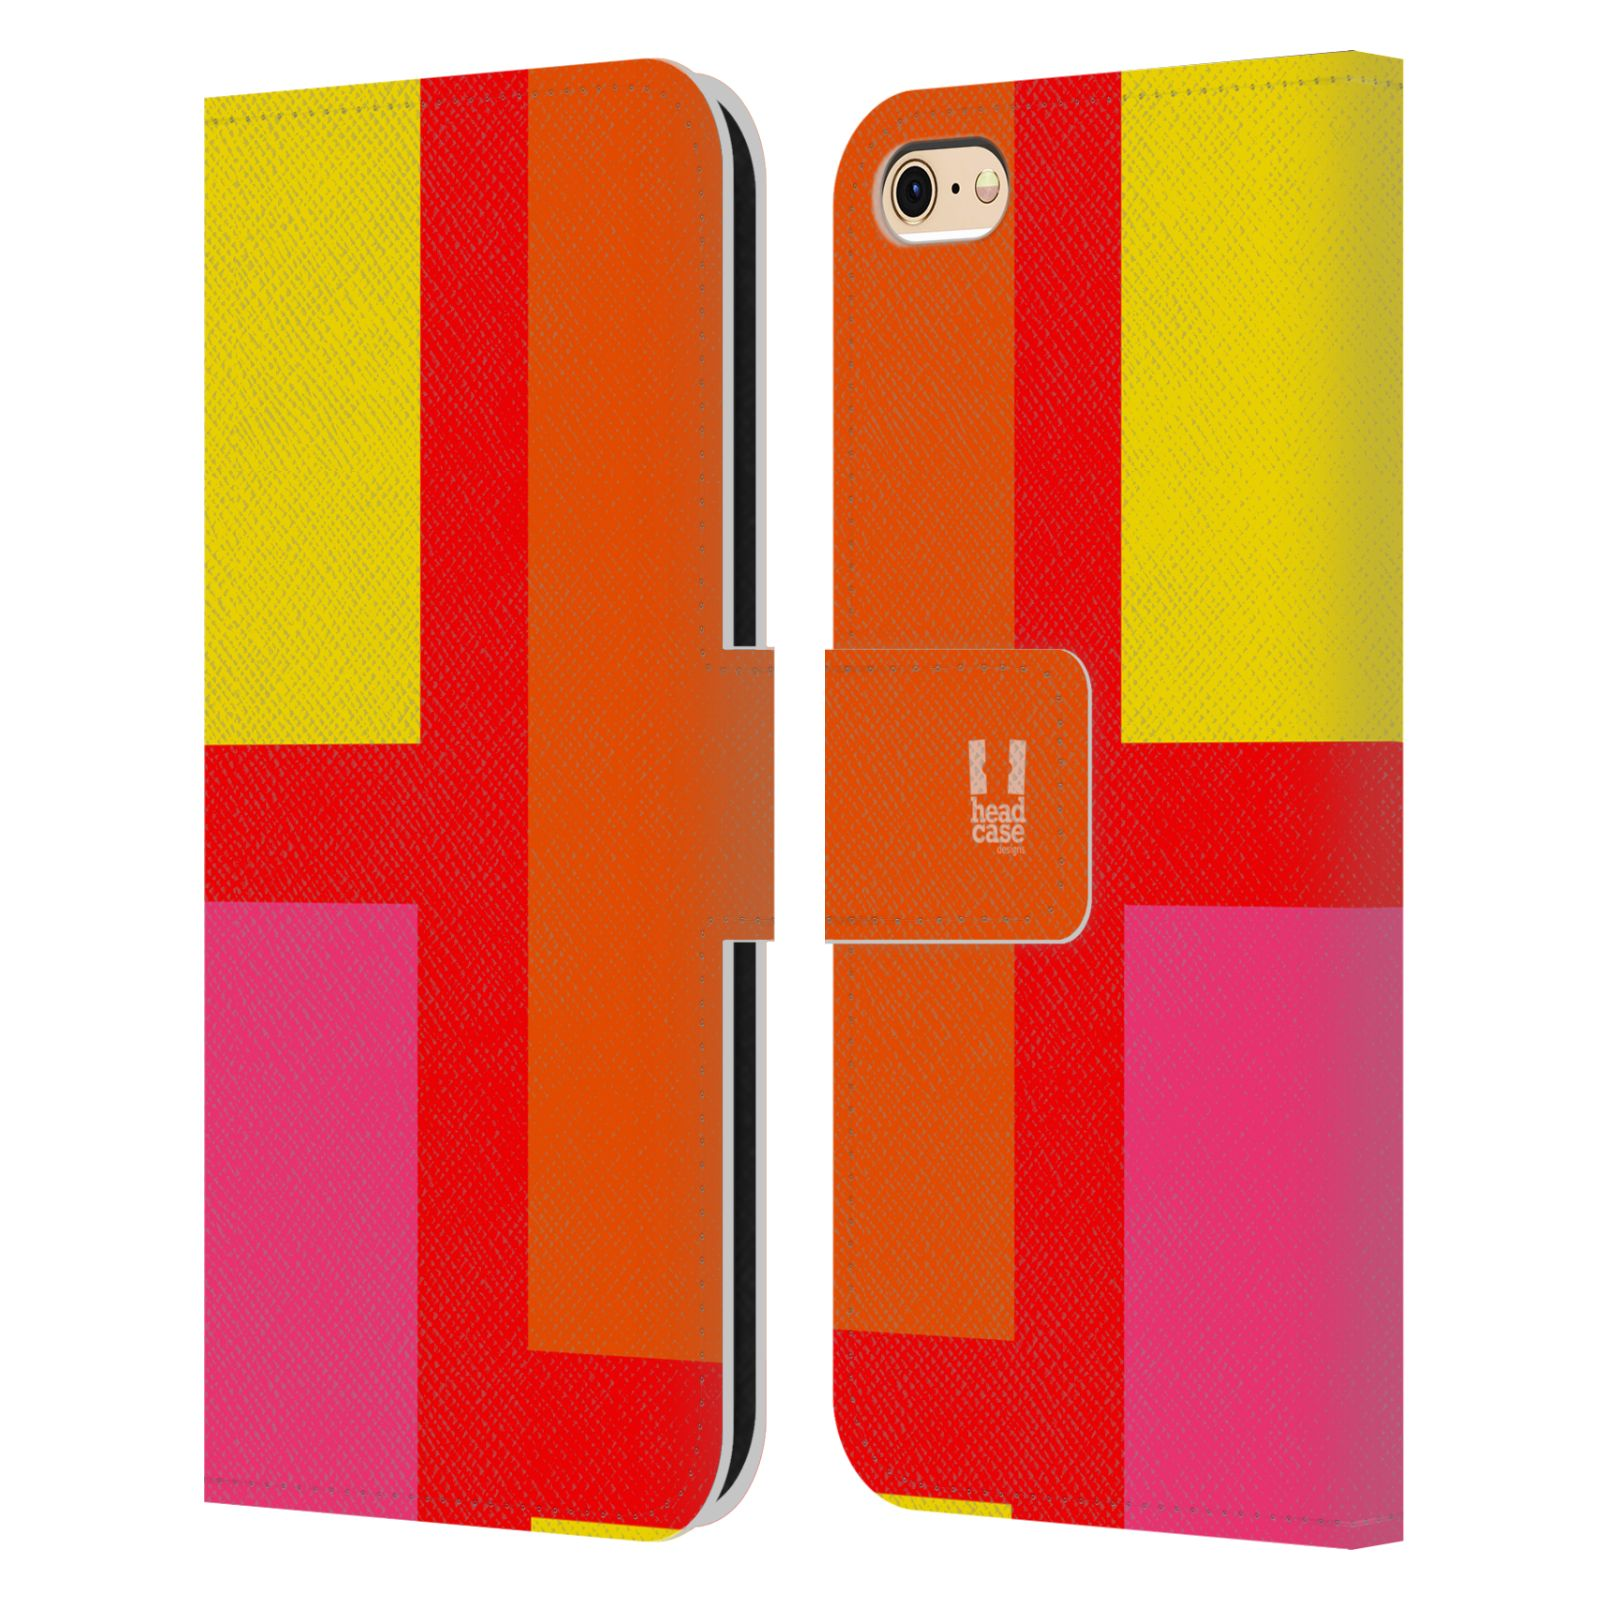 HEAD CASE Flipové pouzdro pro mobil Apple Iphone 6/6s barevné tvary oranžová ulice